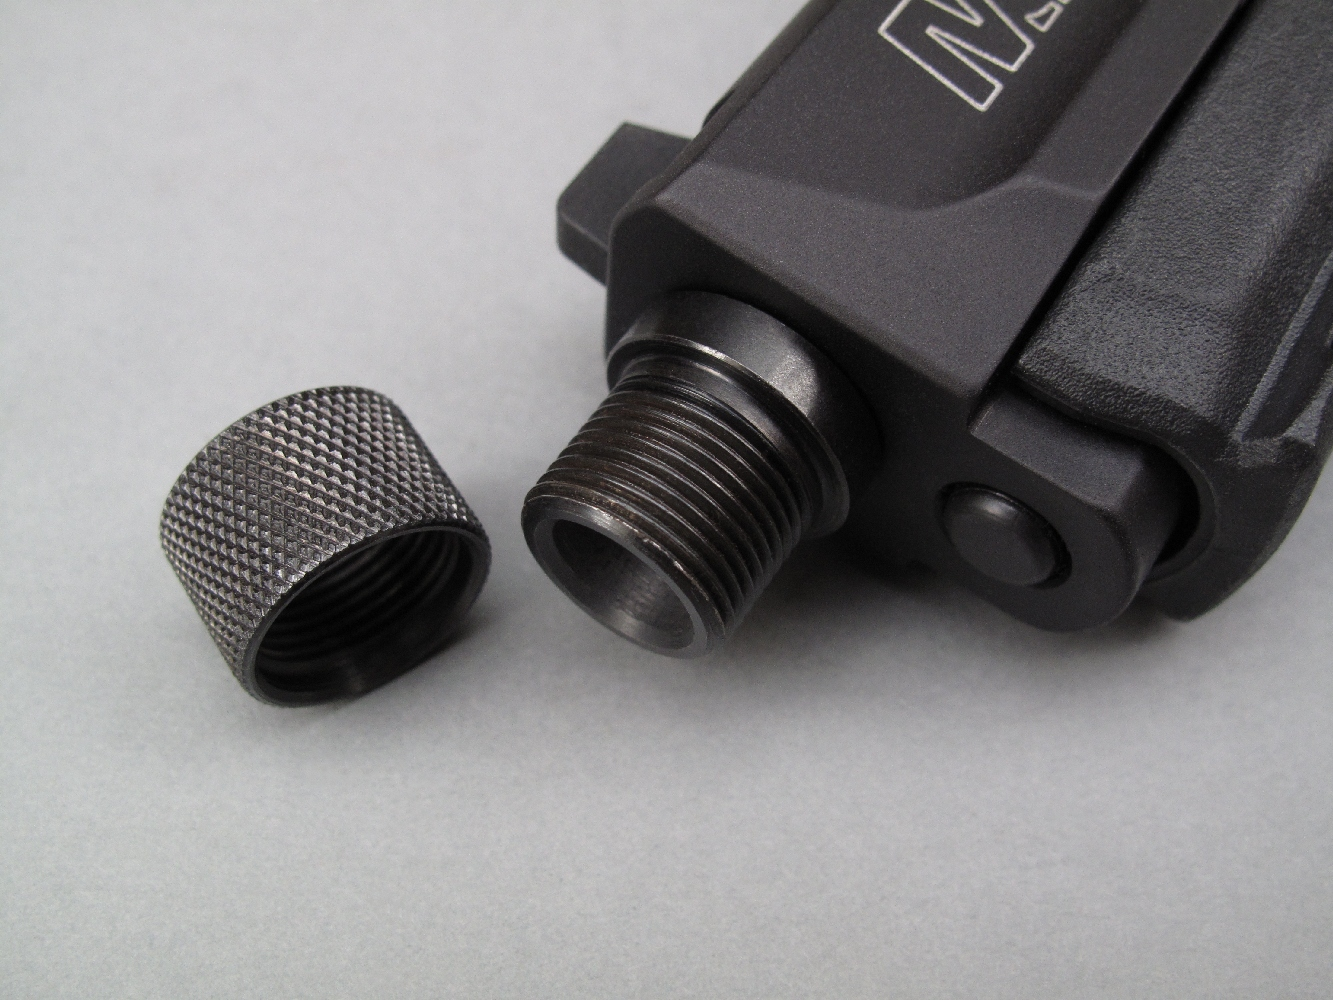 Le filetage de l'embout du canon est muni d'un bouchon de protection finement quadrillé afin de pouvoir être aisément desserré à la main.